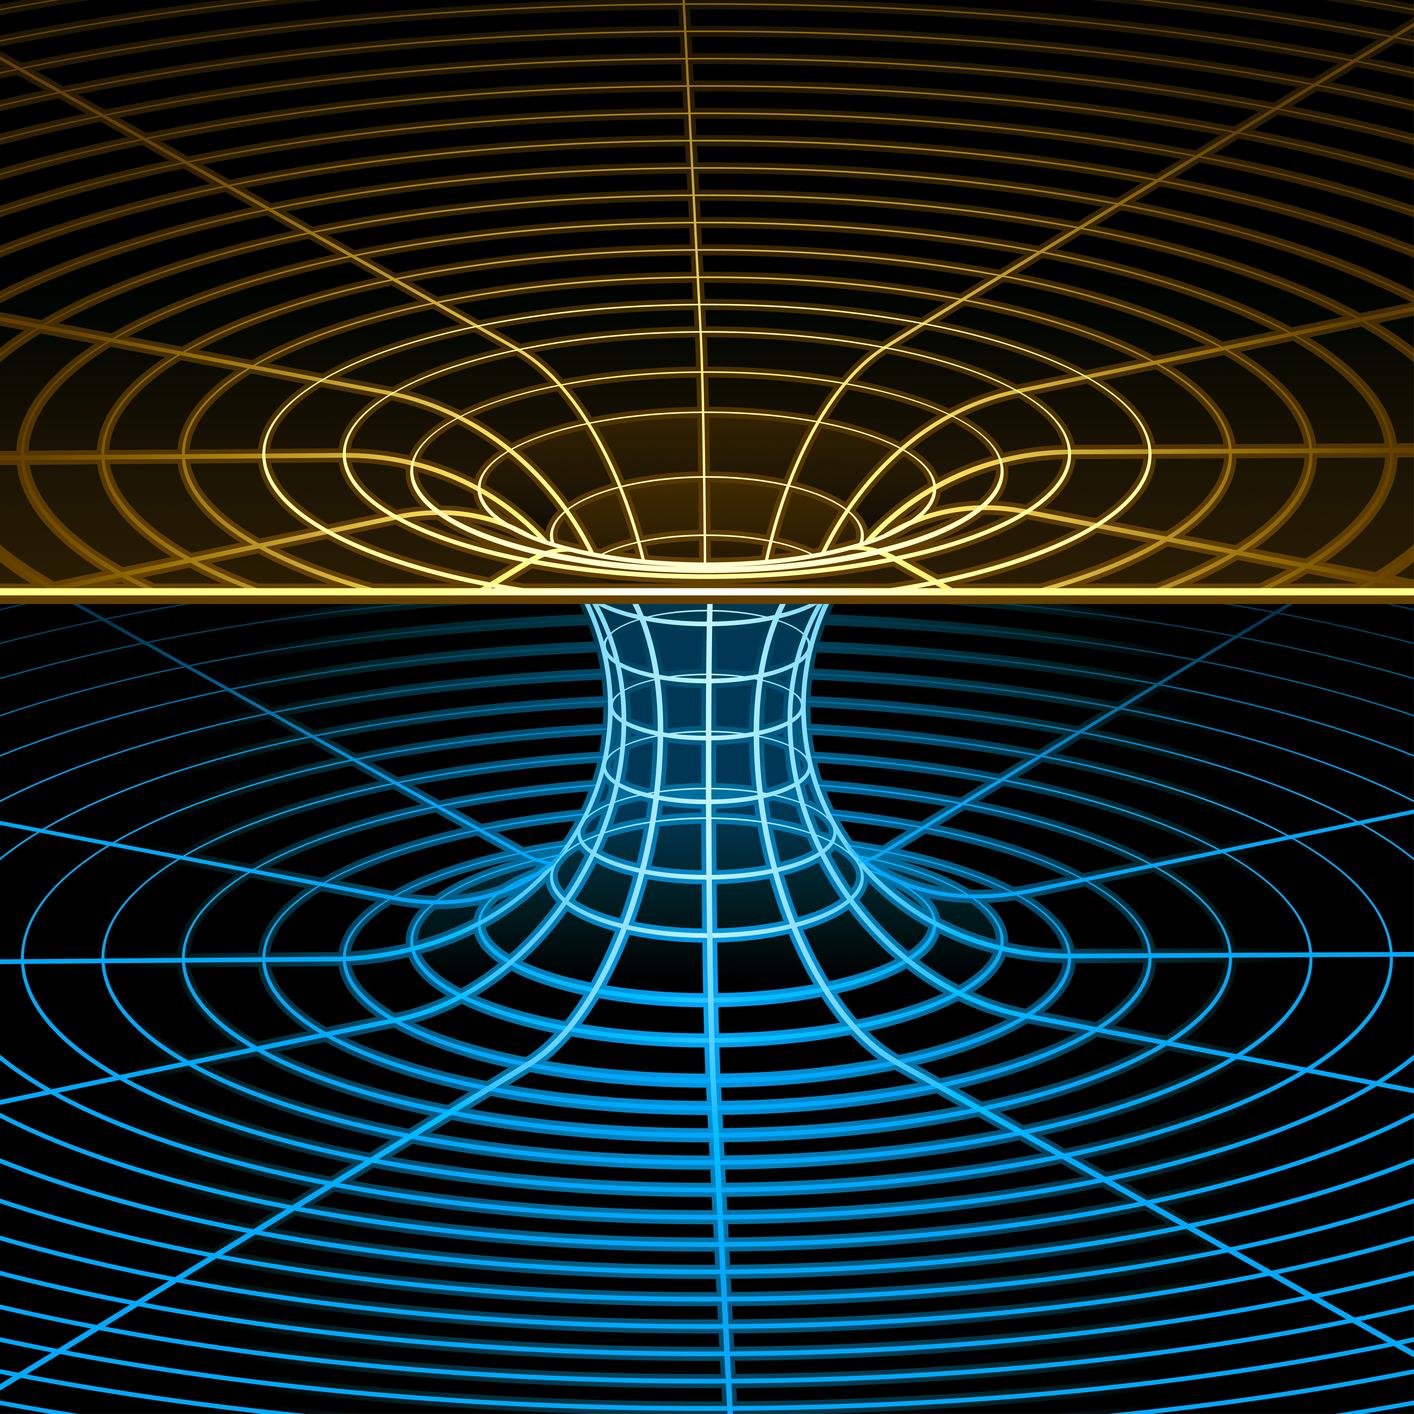 a6 Испорченные часы: изучаем возможность путешествий во времени | Научная фантастика или реальность?